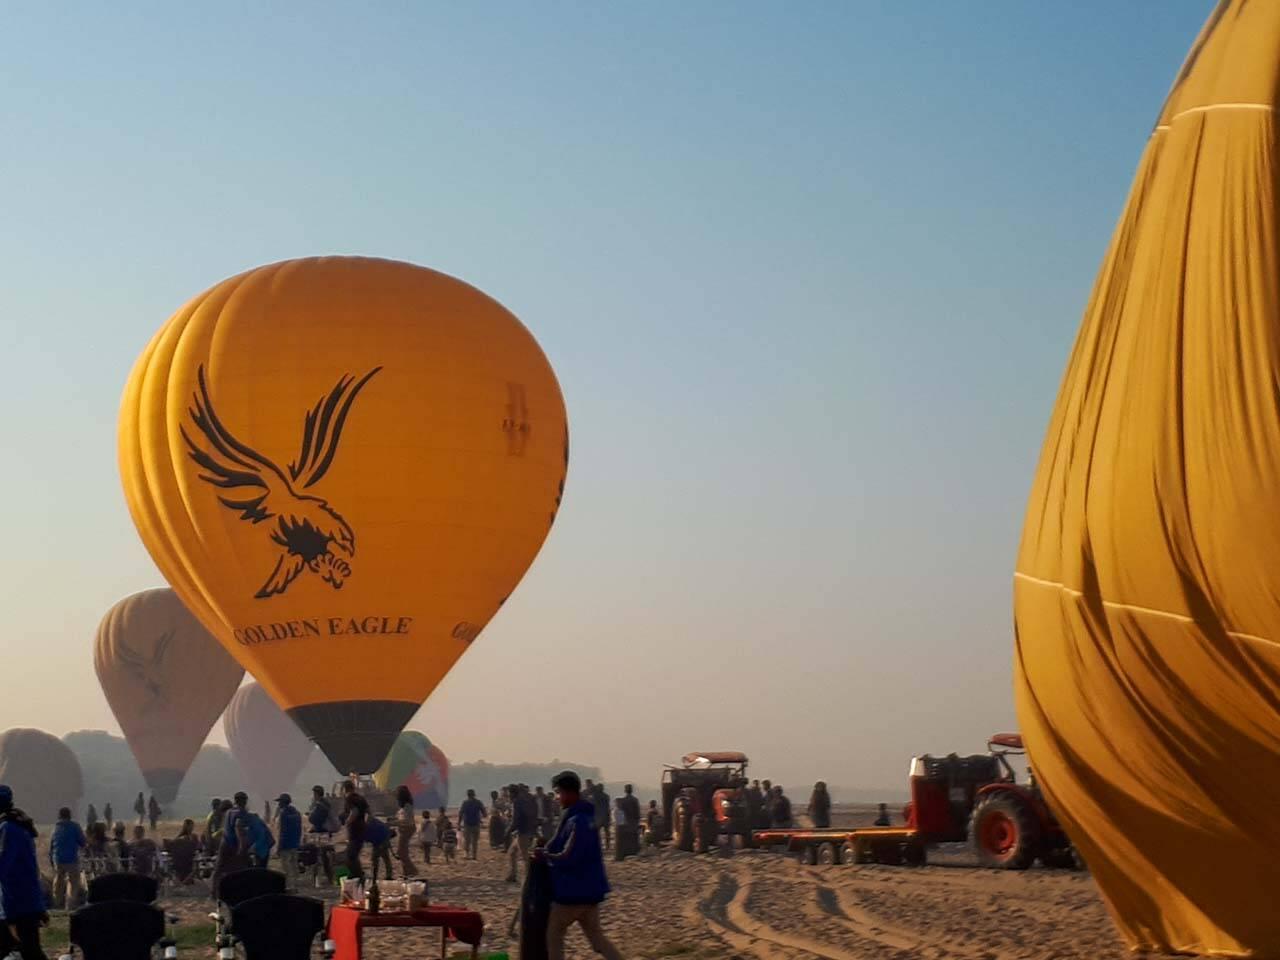 Preparativos para o voo de balão em Bagan no Myanmar.